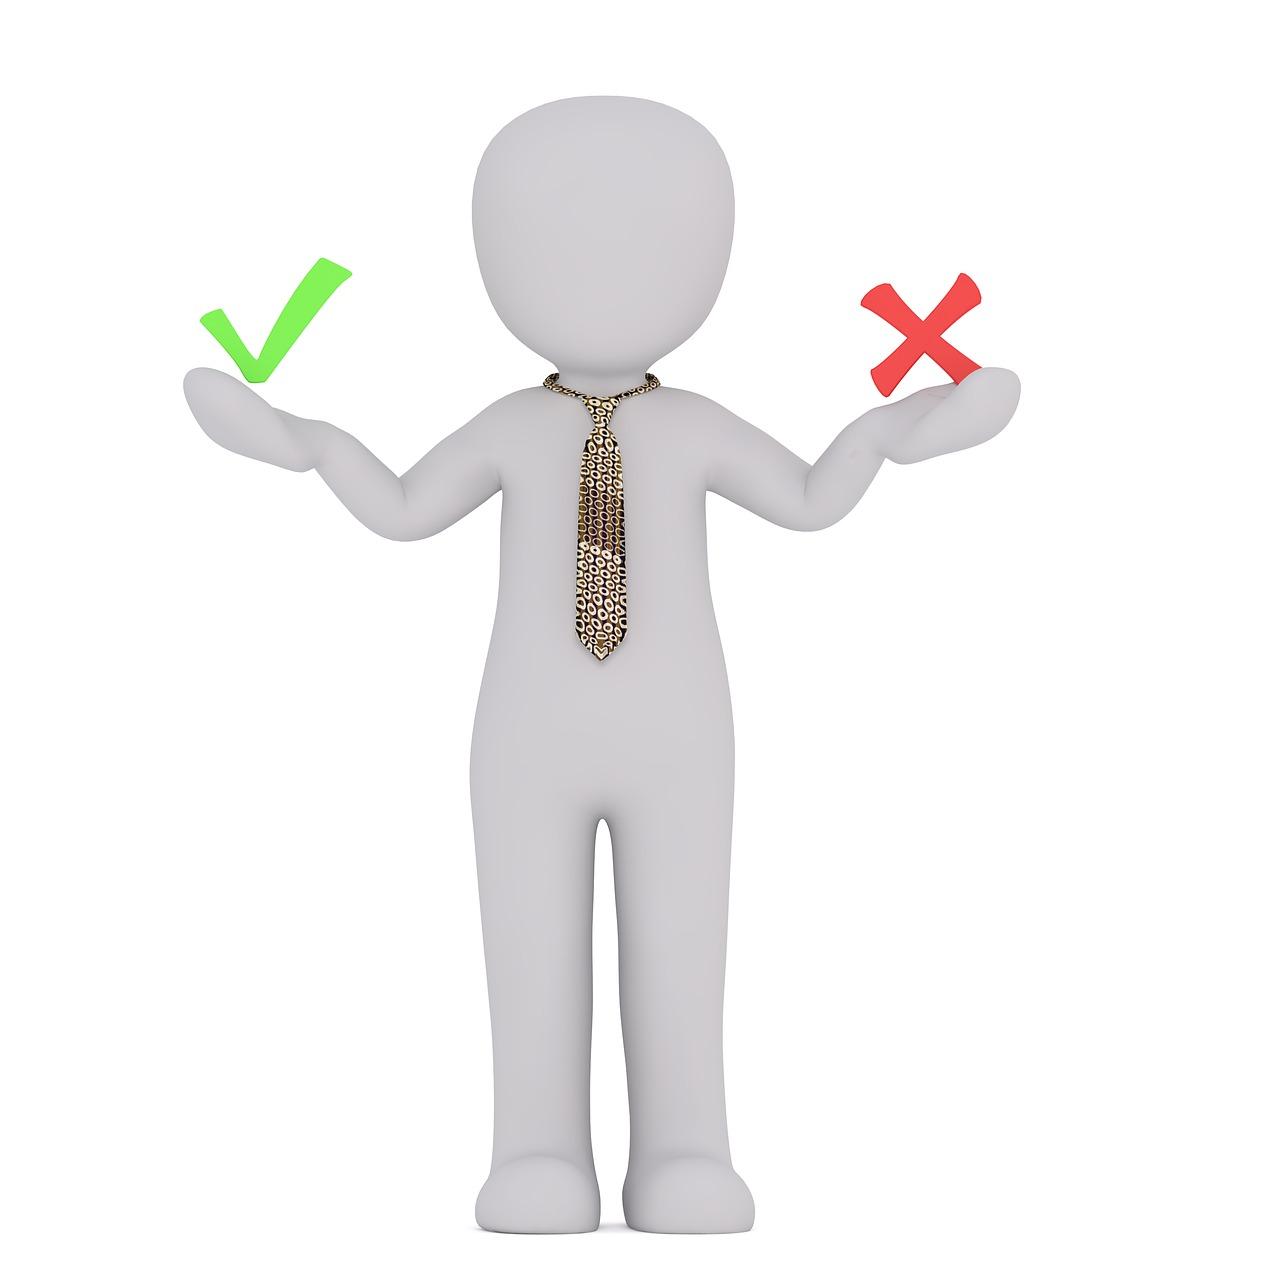 就職浪人は新卒扱い?不利になる5つの理由